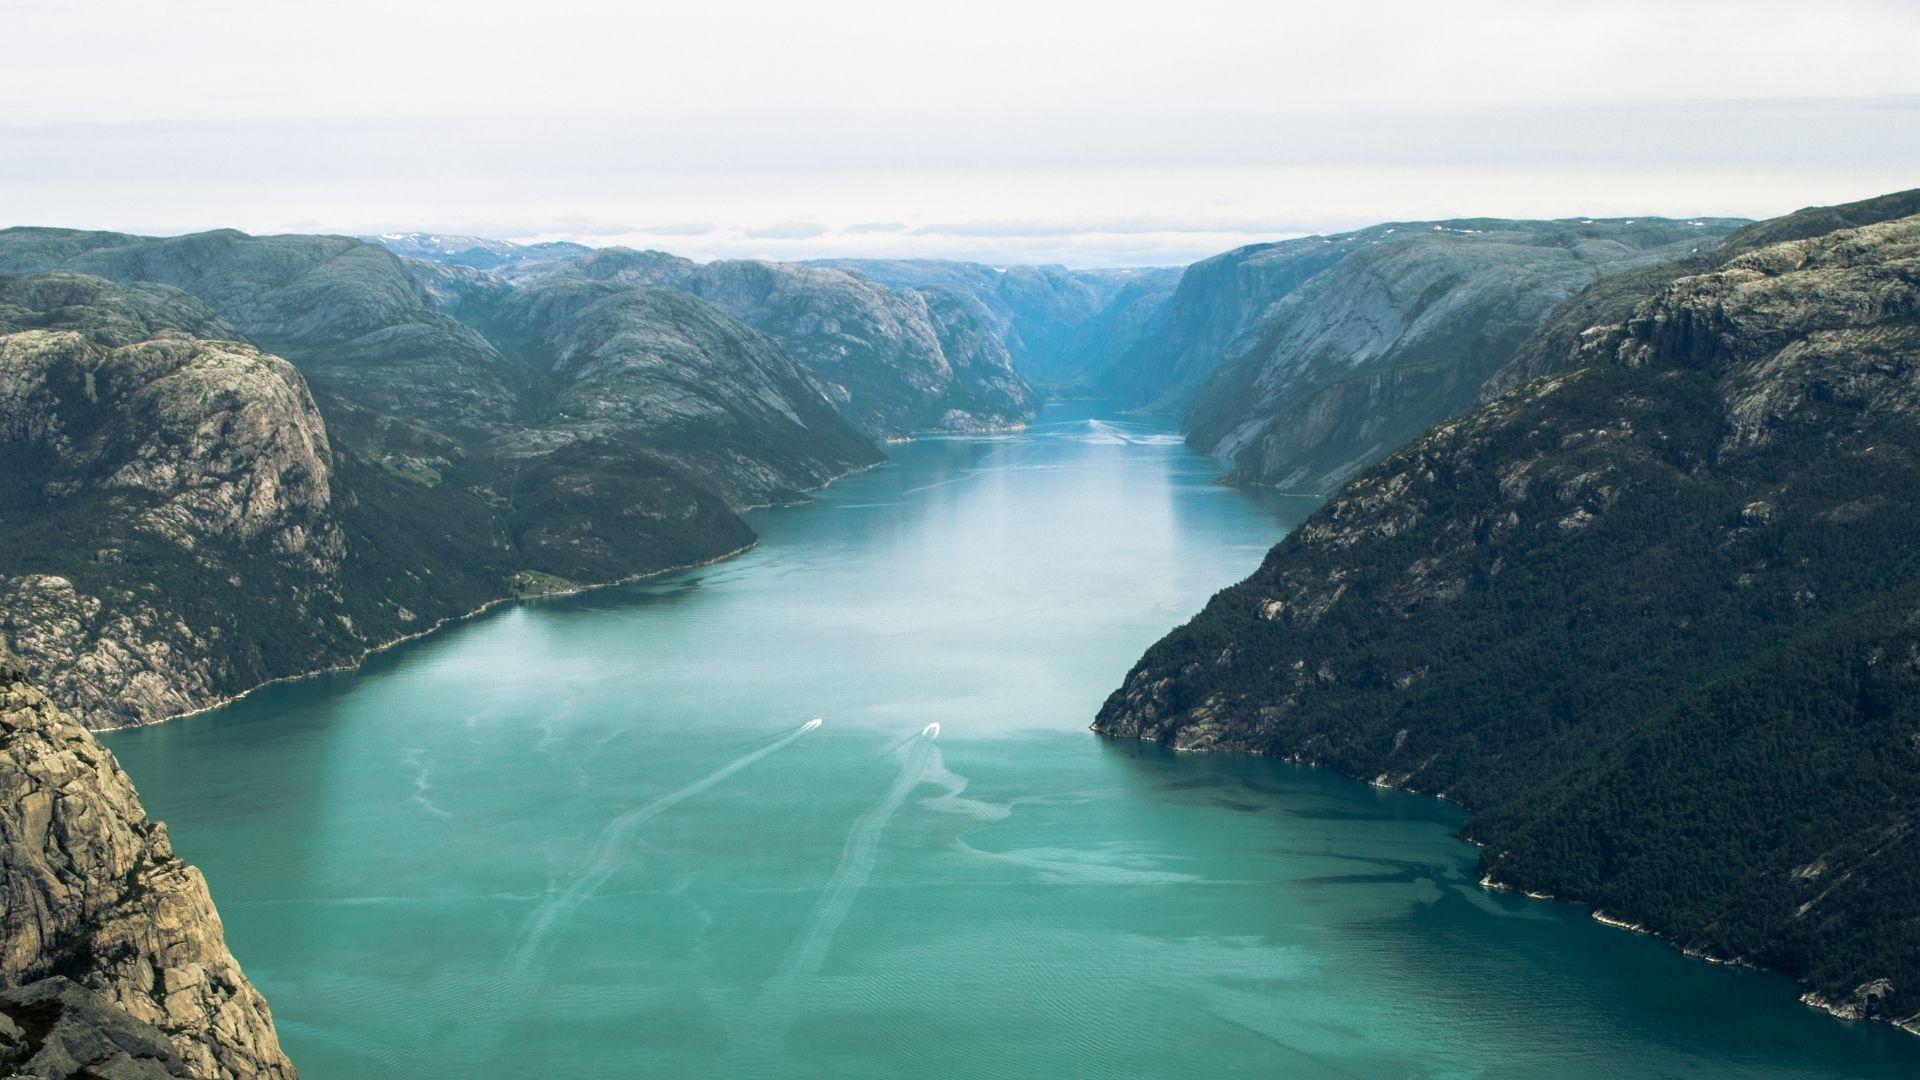 Lysefjord sightseeing in Norway